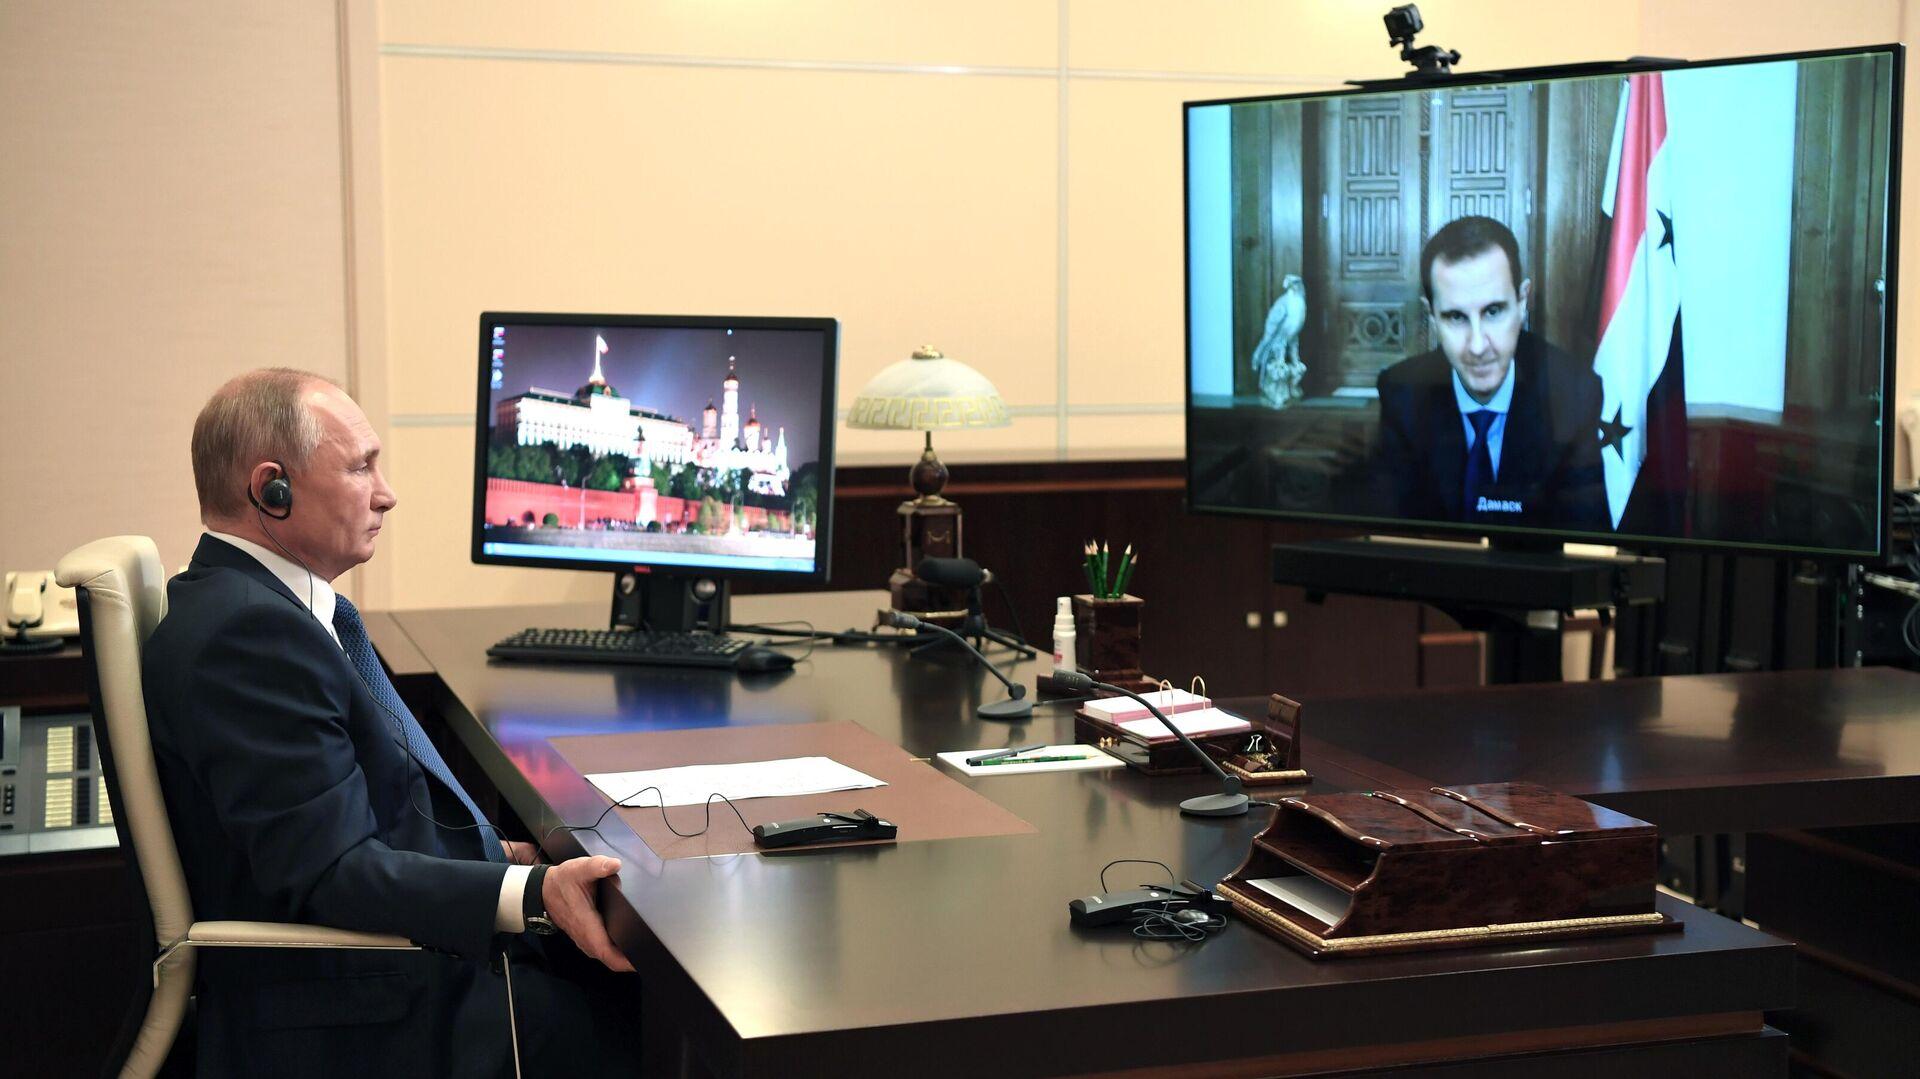 Президент РФ Владимир Путин во время встречи в режиме телемоста с президентом Сирии Башаром Асадом - РИА Новости, 1920, 09.11.2020